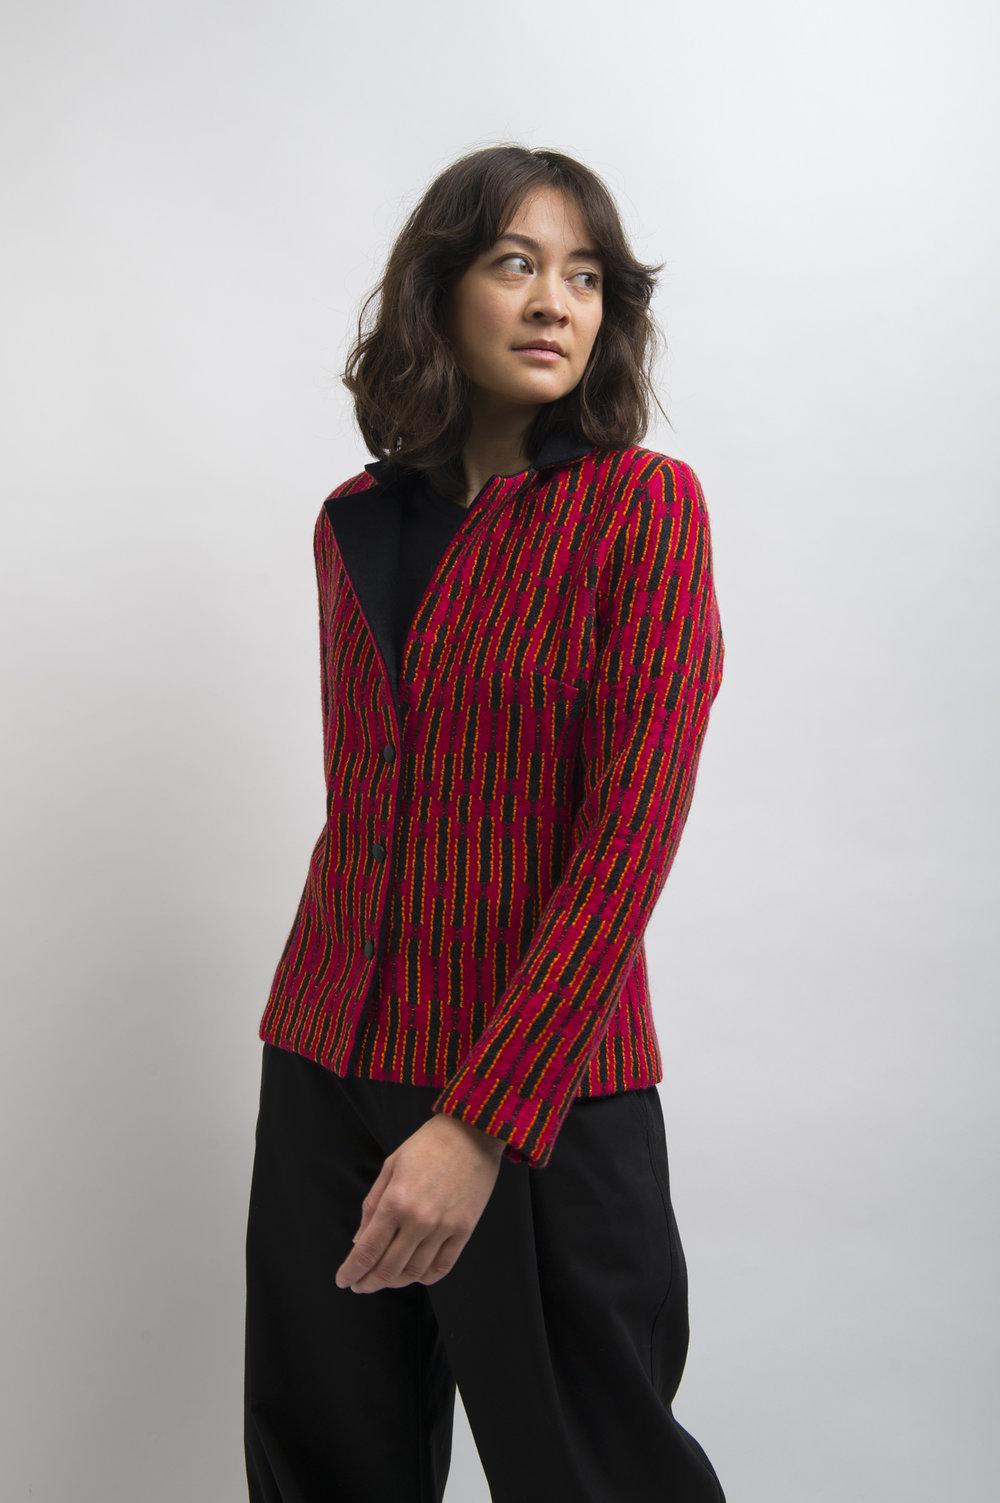 textiles-13 72.jpg